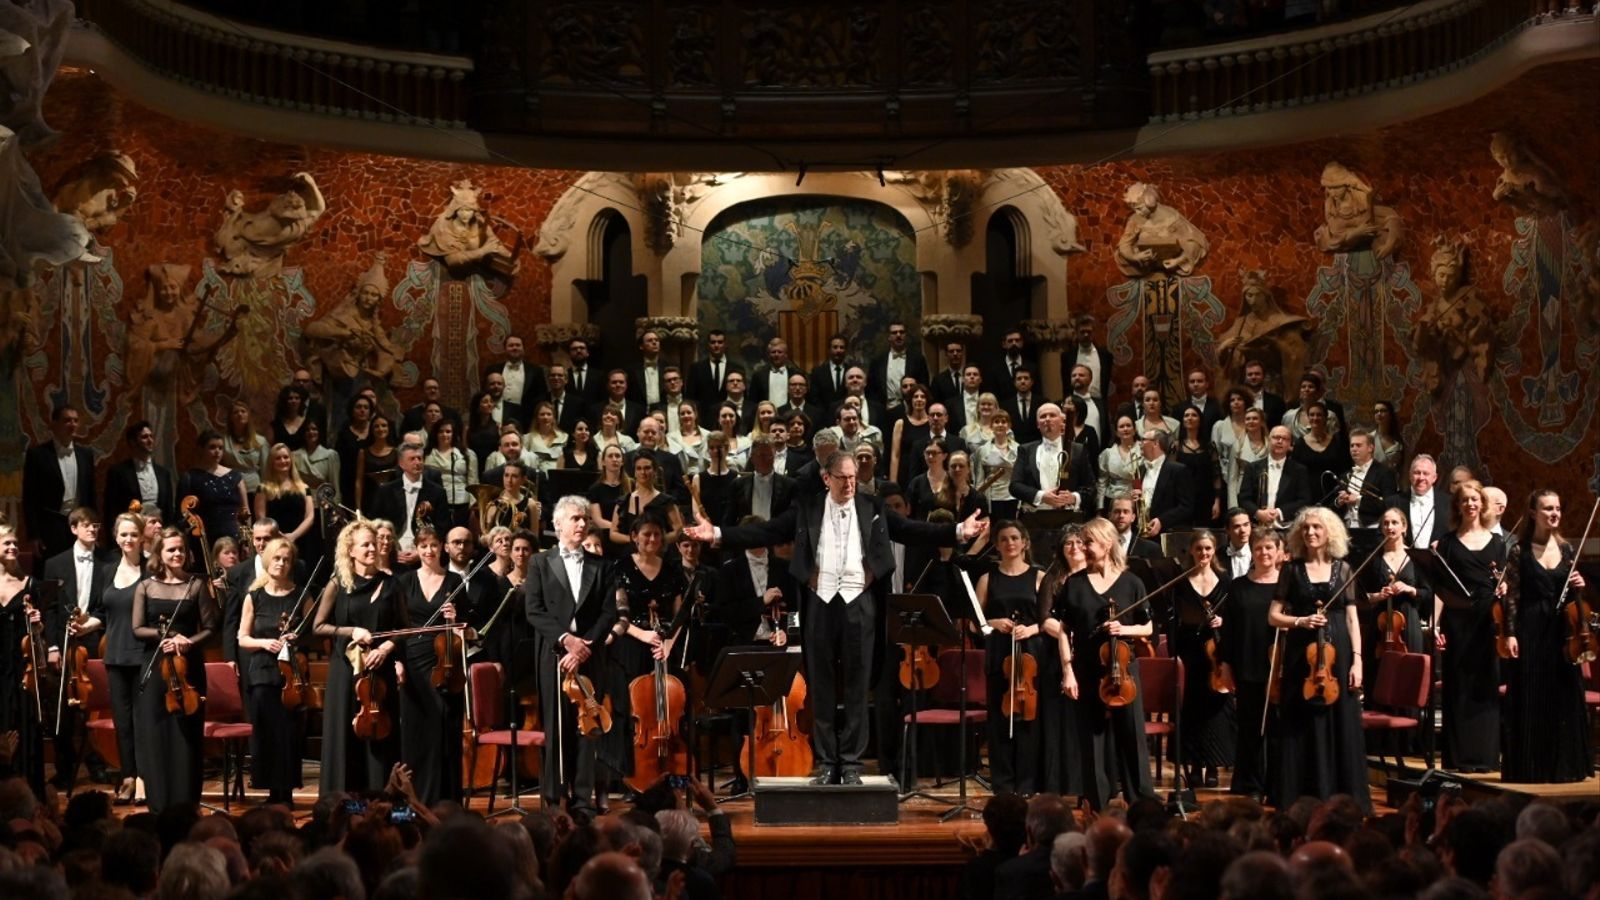 Sir John Eliot Gardiner al capdavant de l'orquestra en el concert d'aquest divendres al Palau de la Música